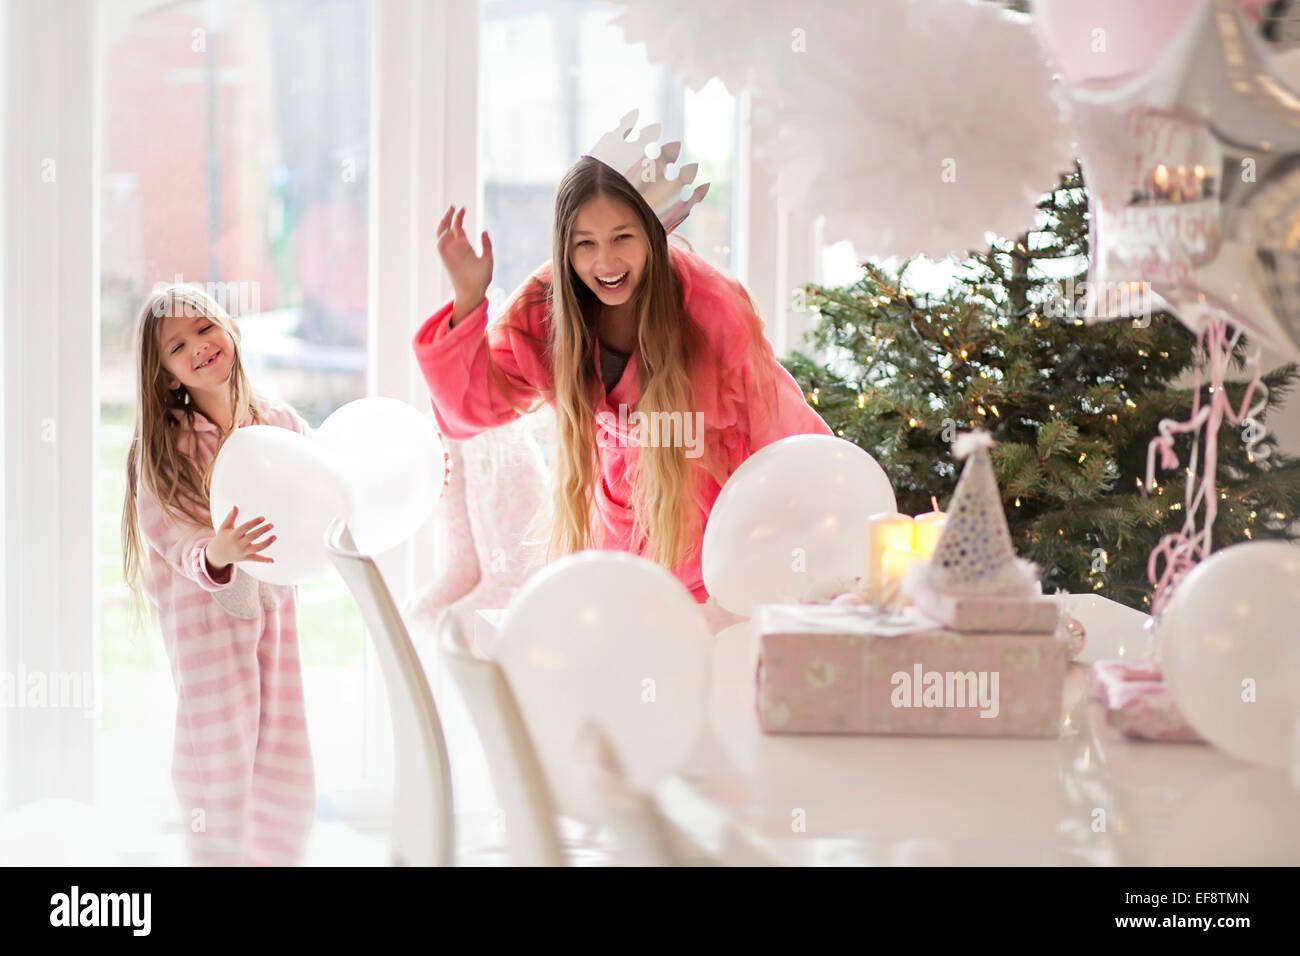 Zwei Mädchen (4-5,14-15) spielen mit Ballons Weihnachtsbaum Stockbild